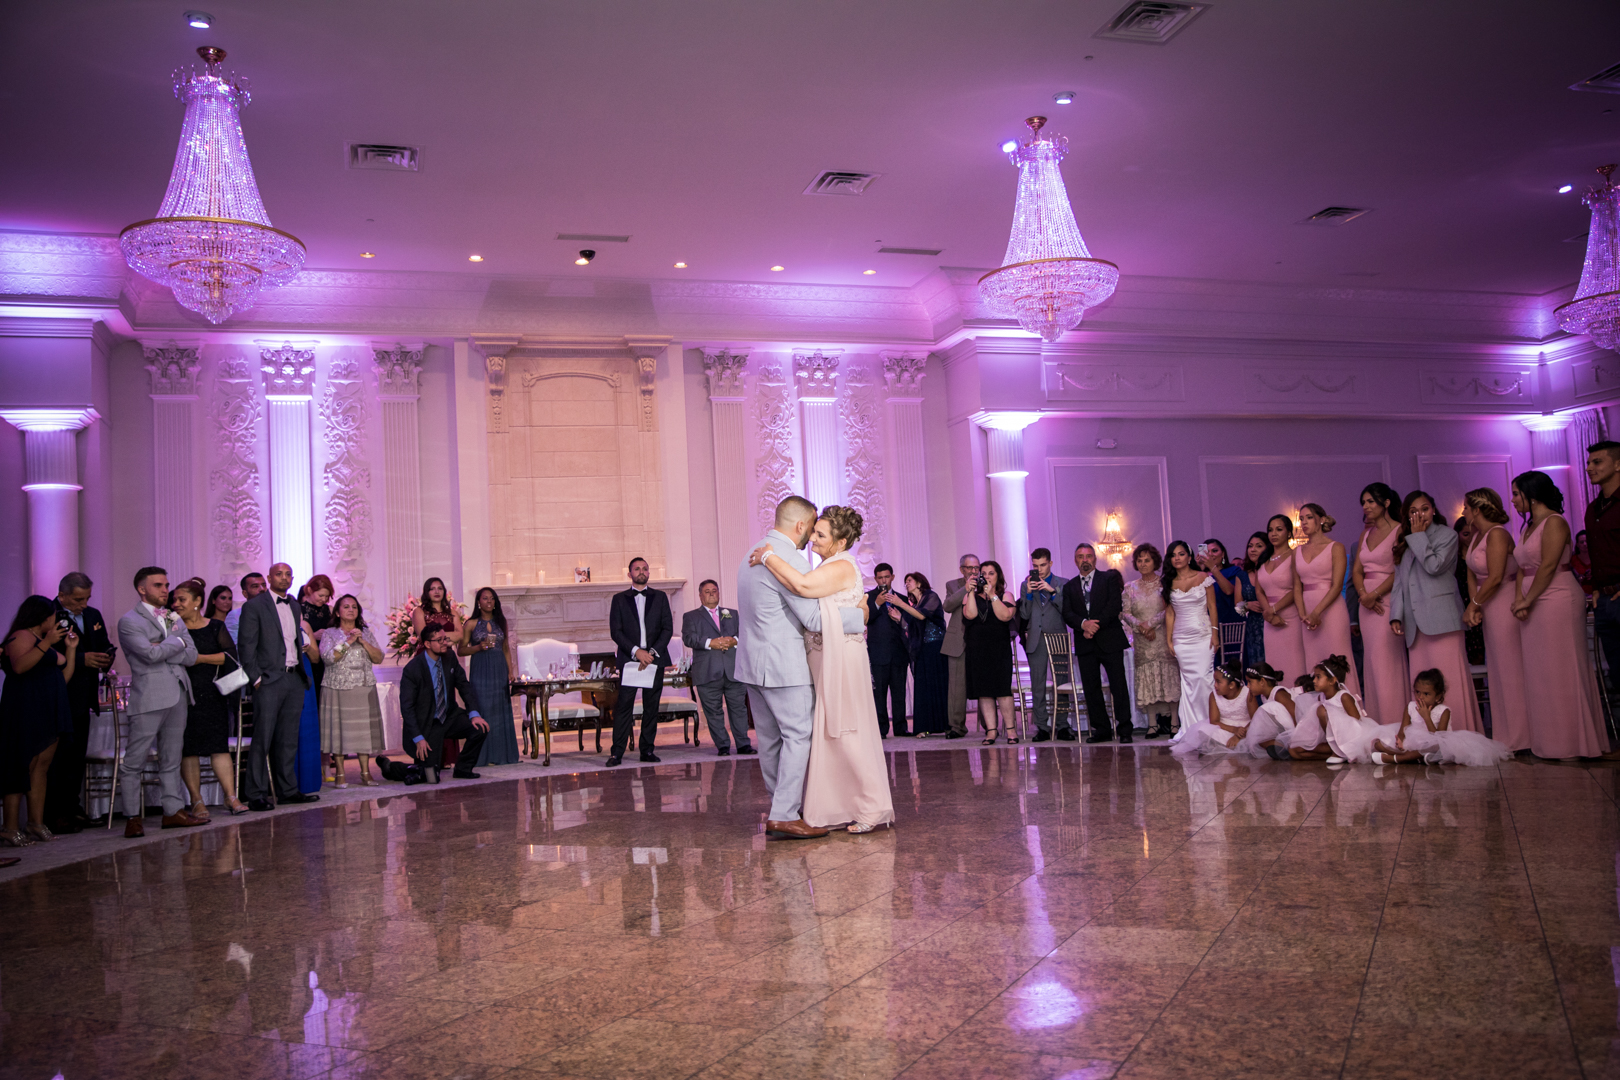 wedding 70-176.jpg